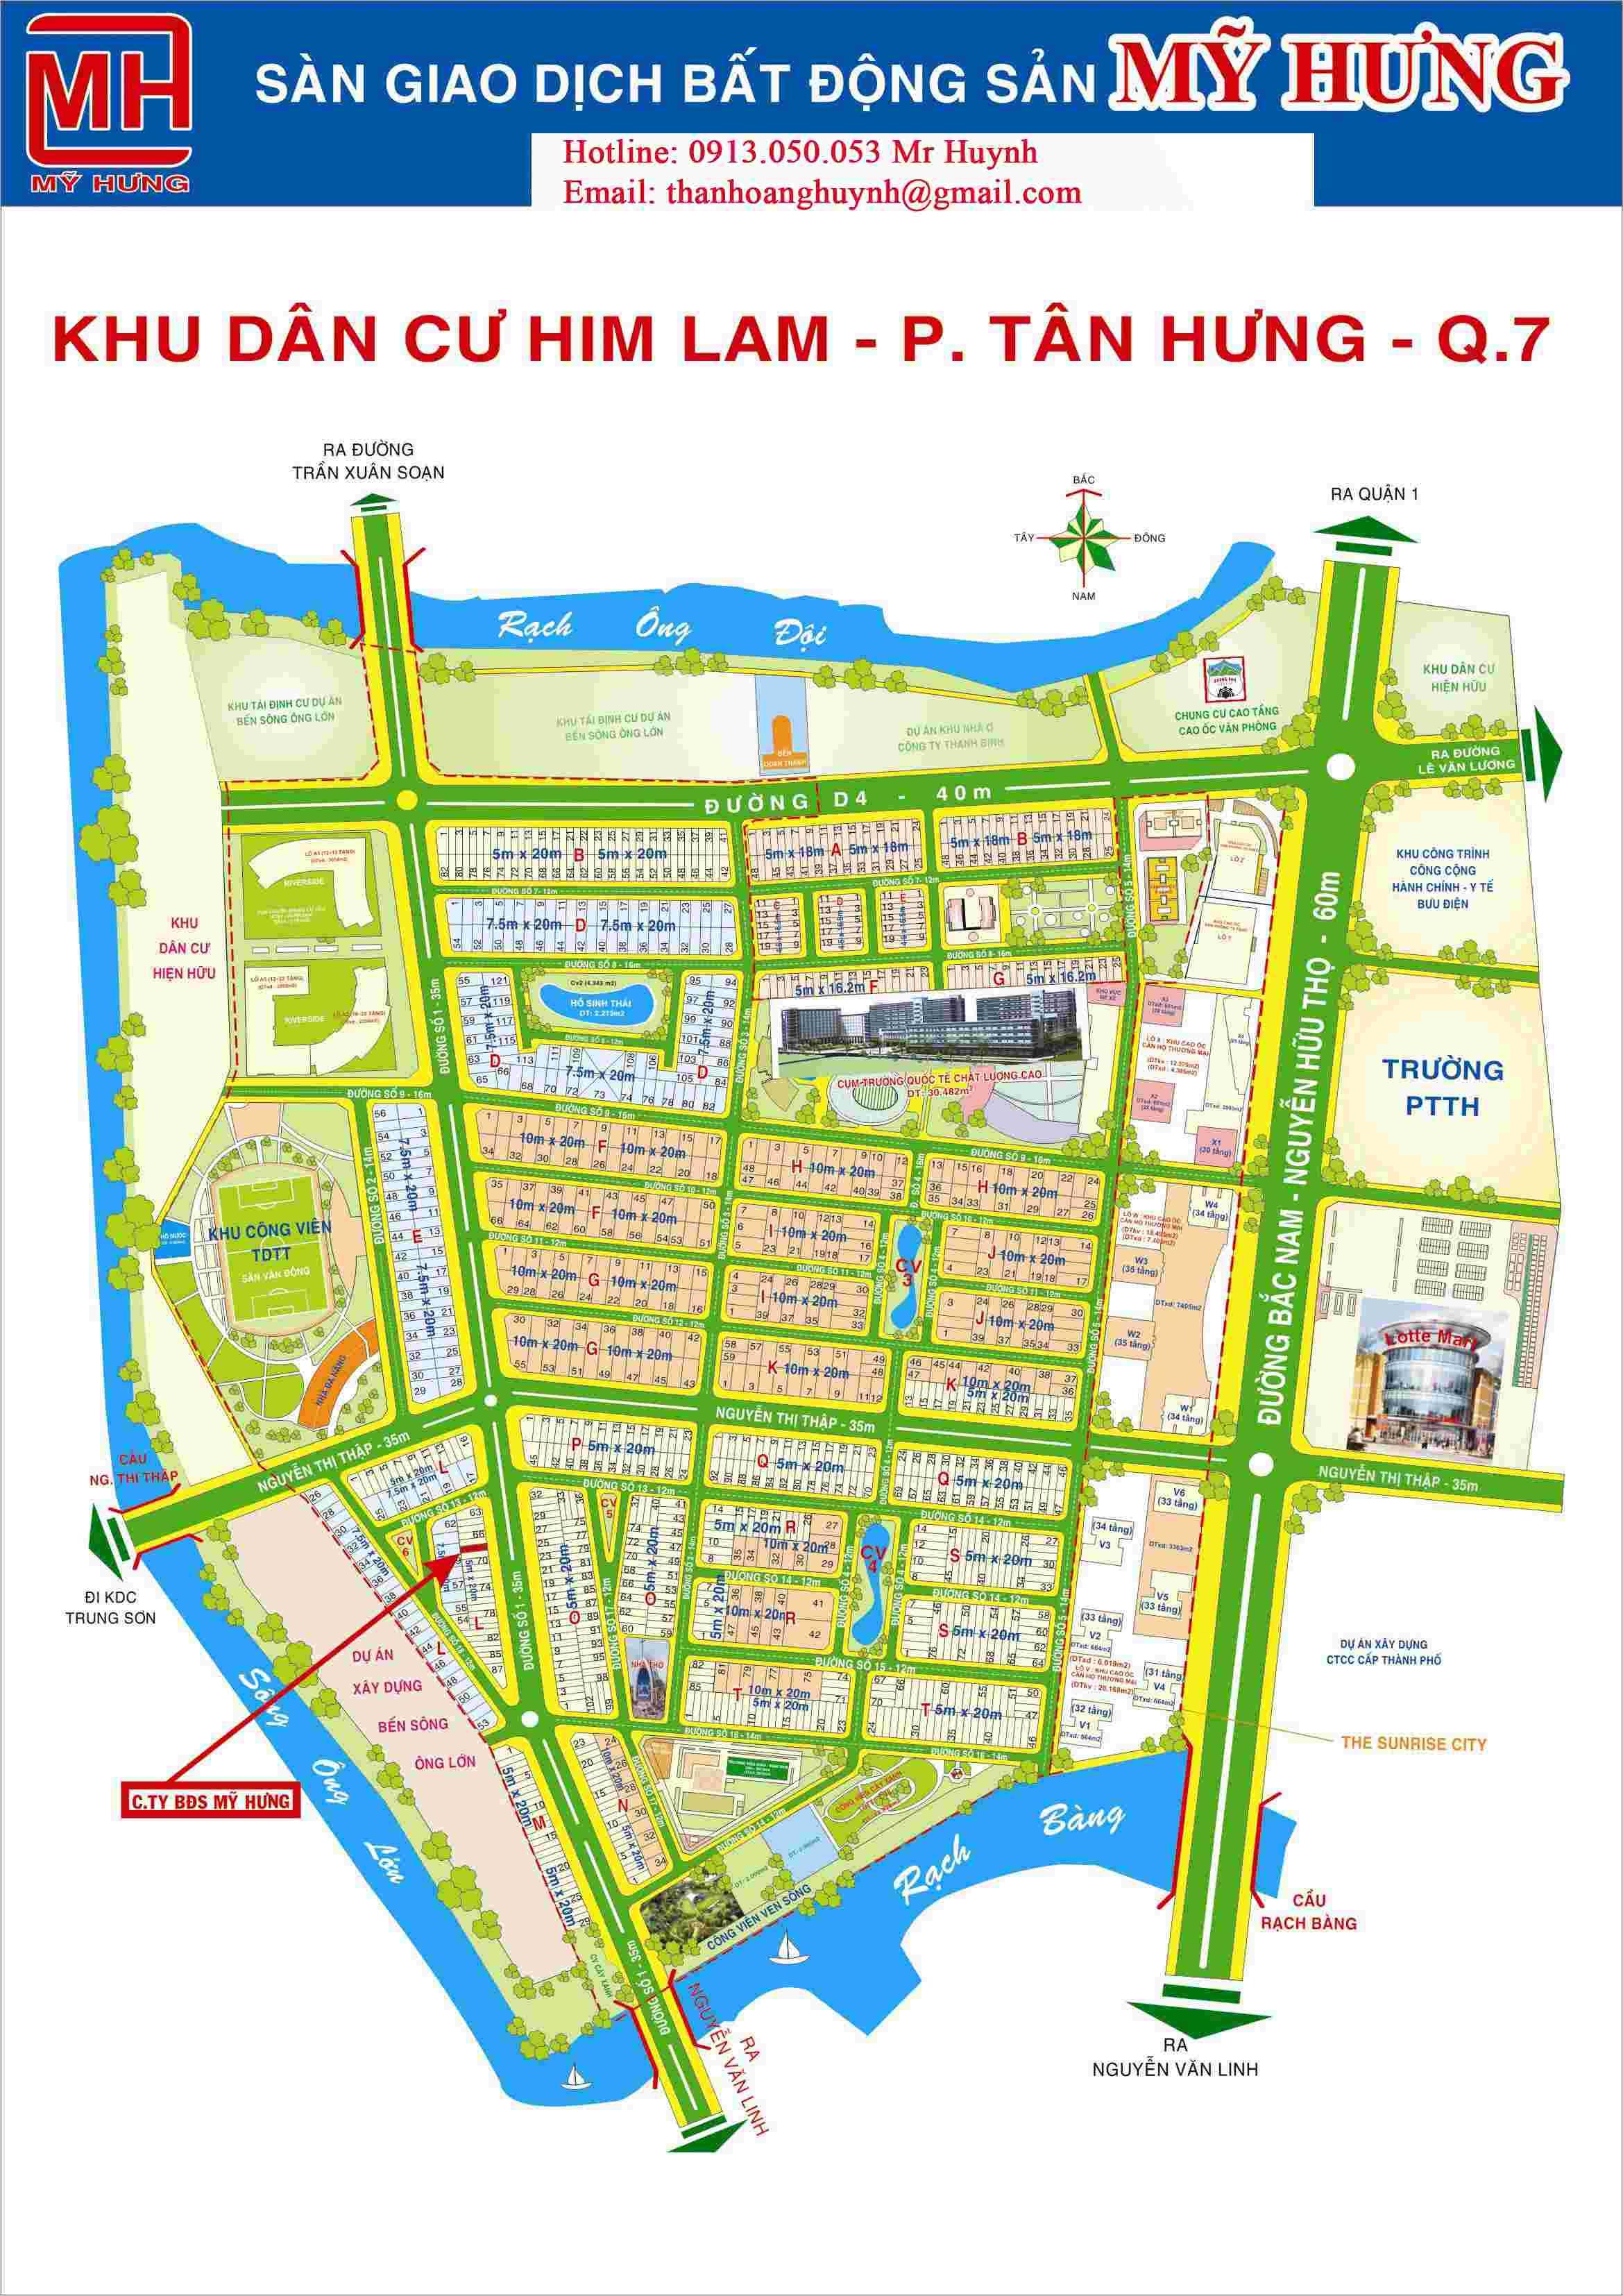 Bán nền đất Him Lam Kênh Tẻ quận 7 giá rẻ nhất thị trường, 100m2, lô O, giá 128 triệu/m2.